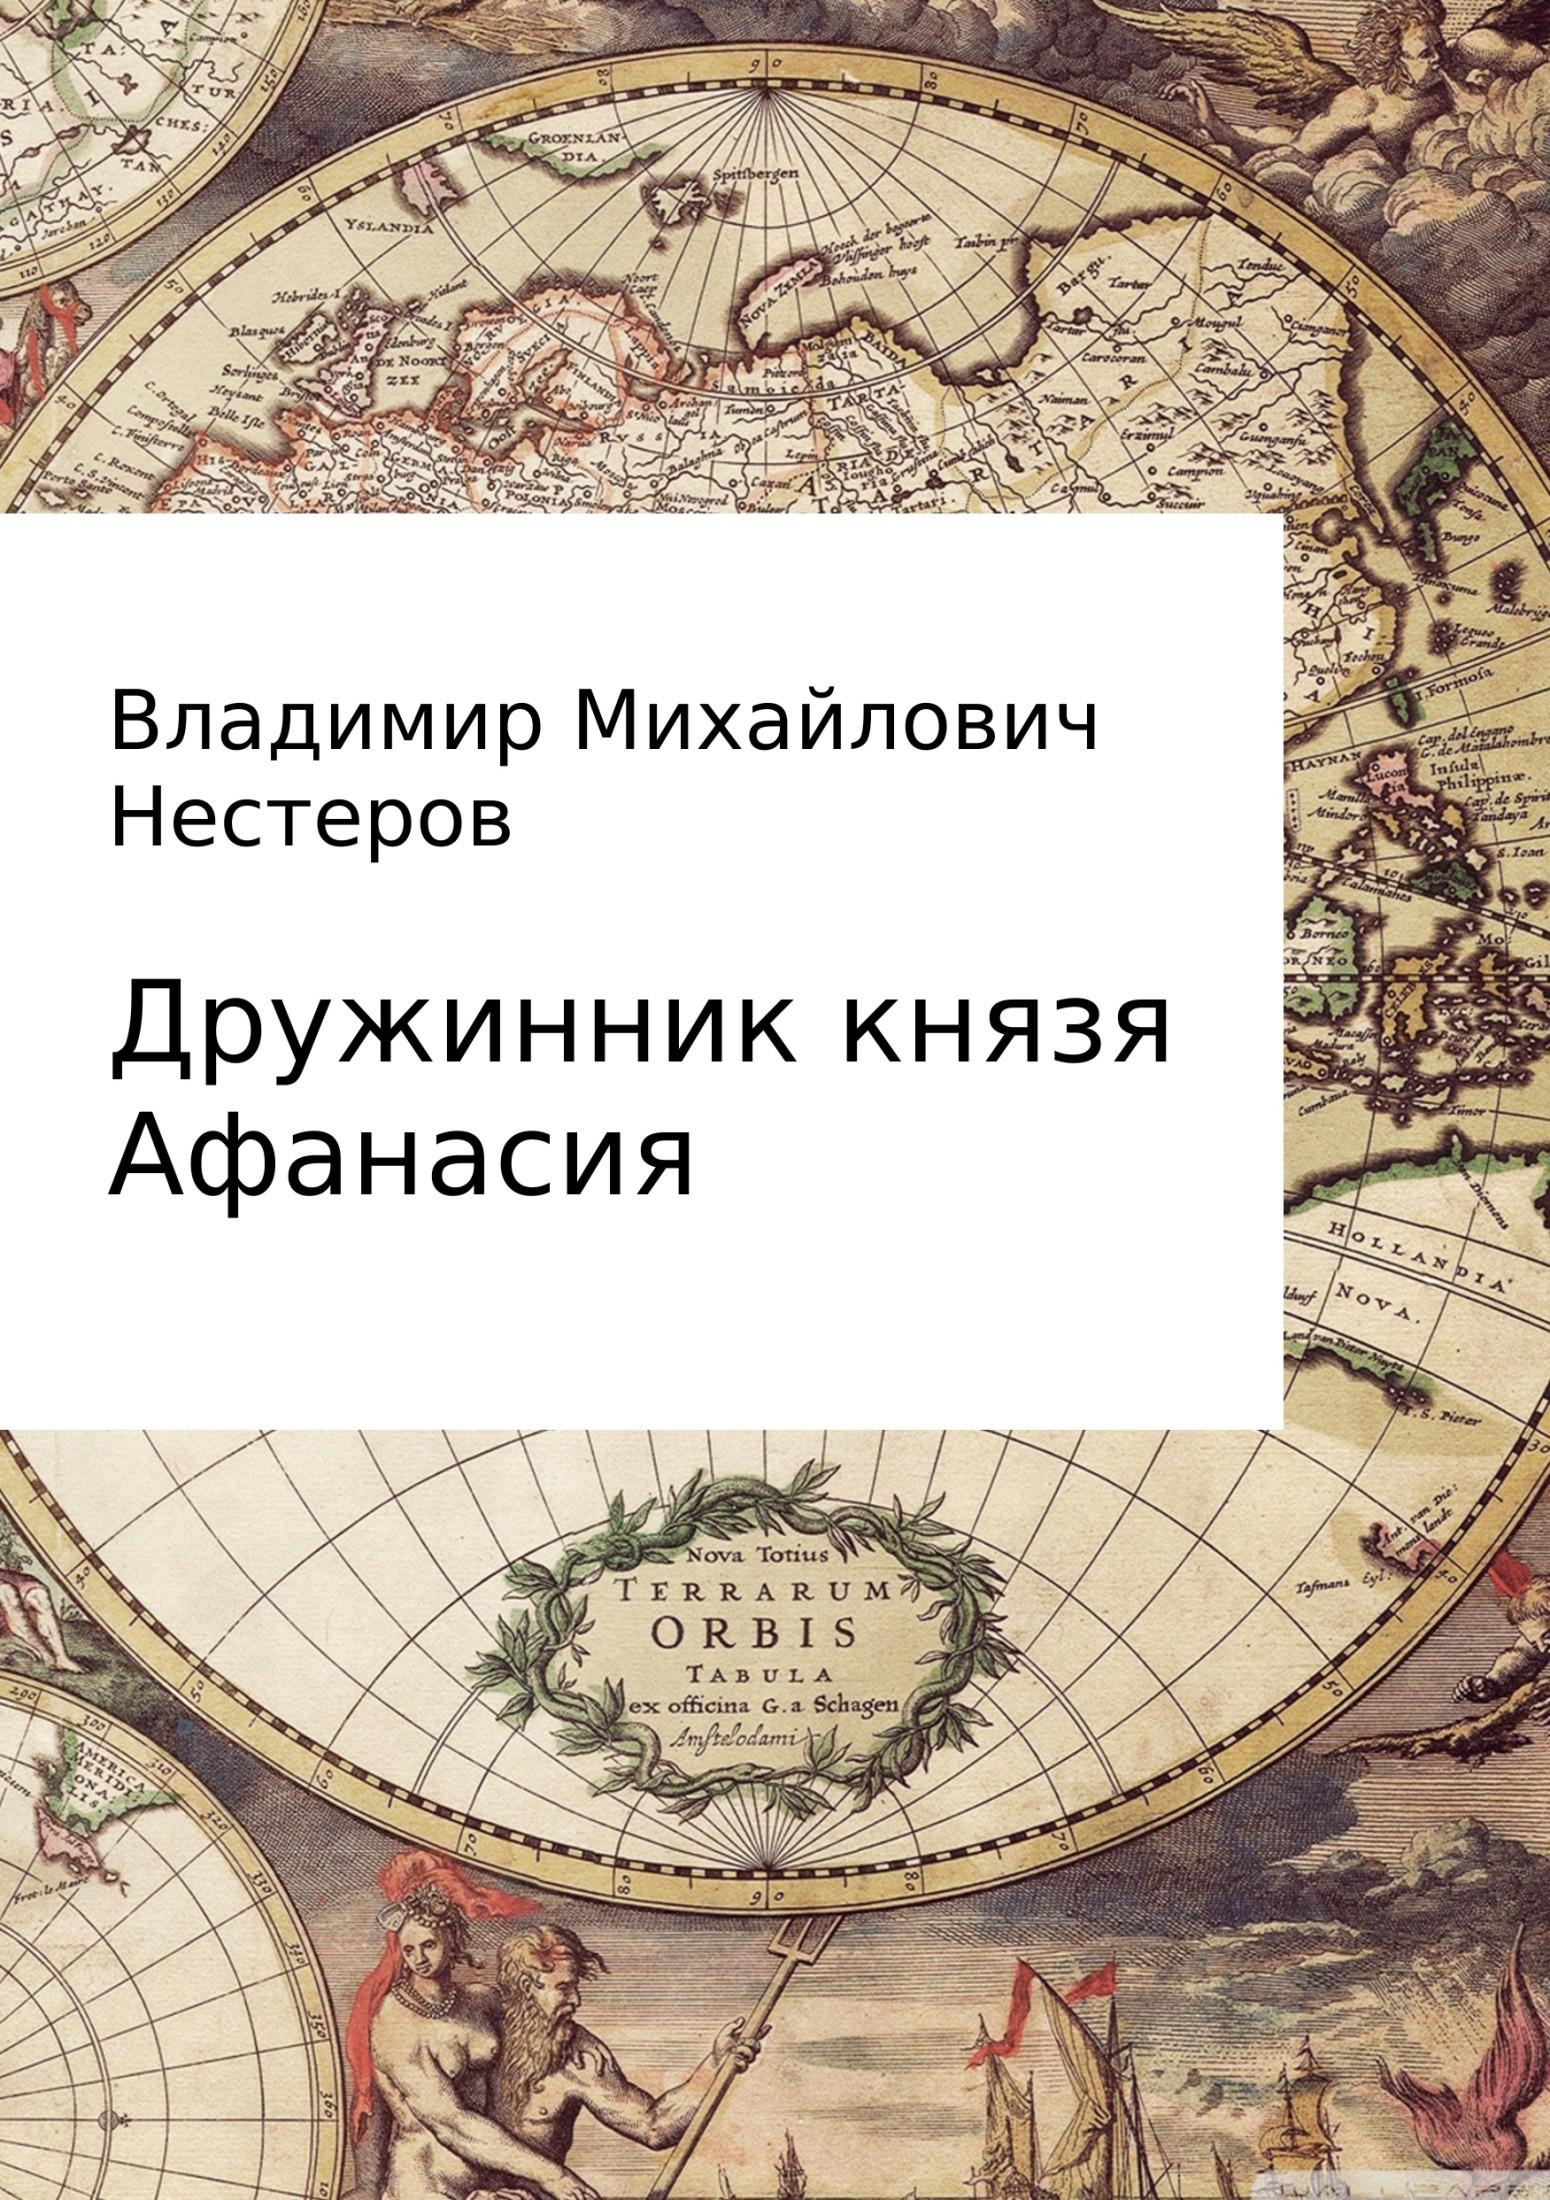 Дружинник князя Афанасия